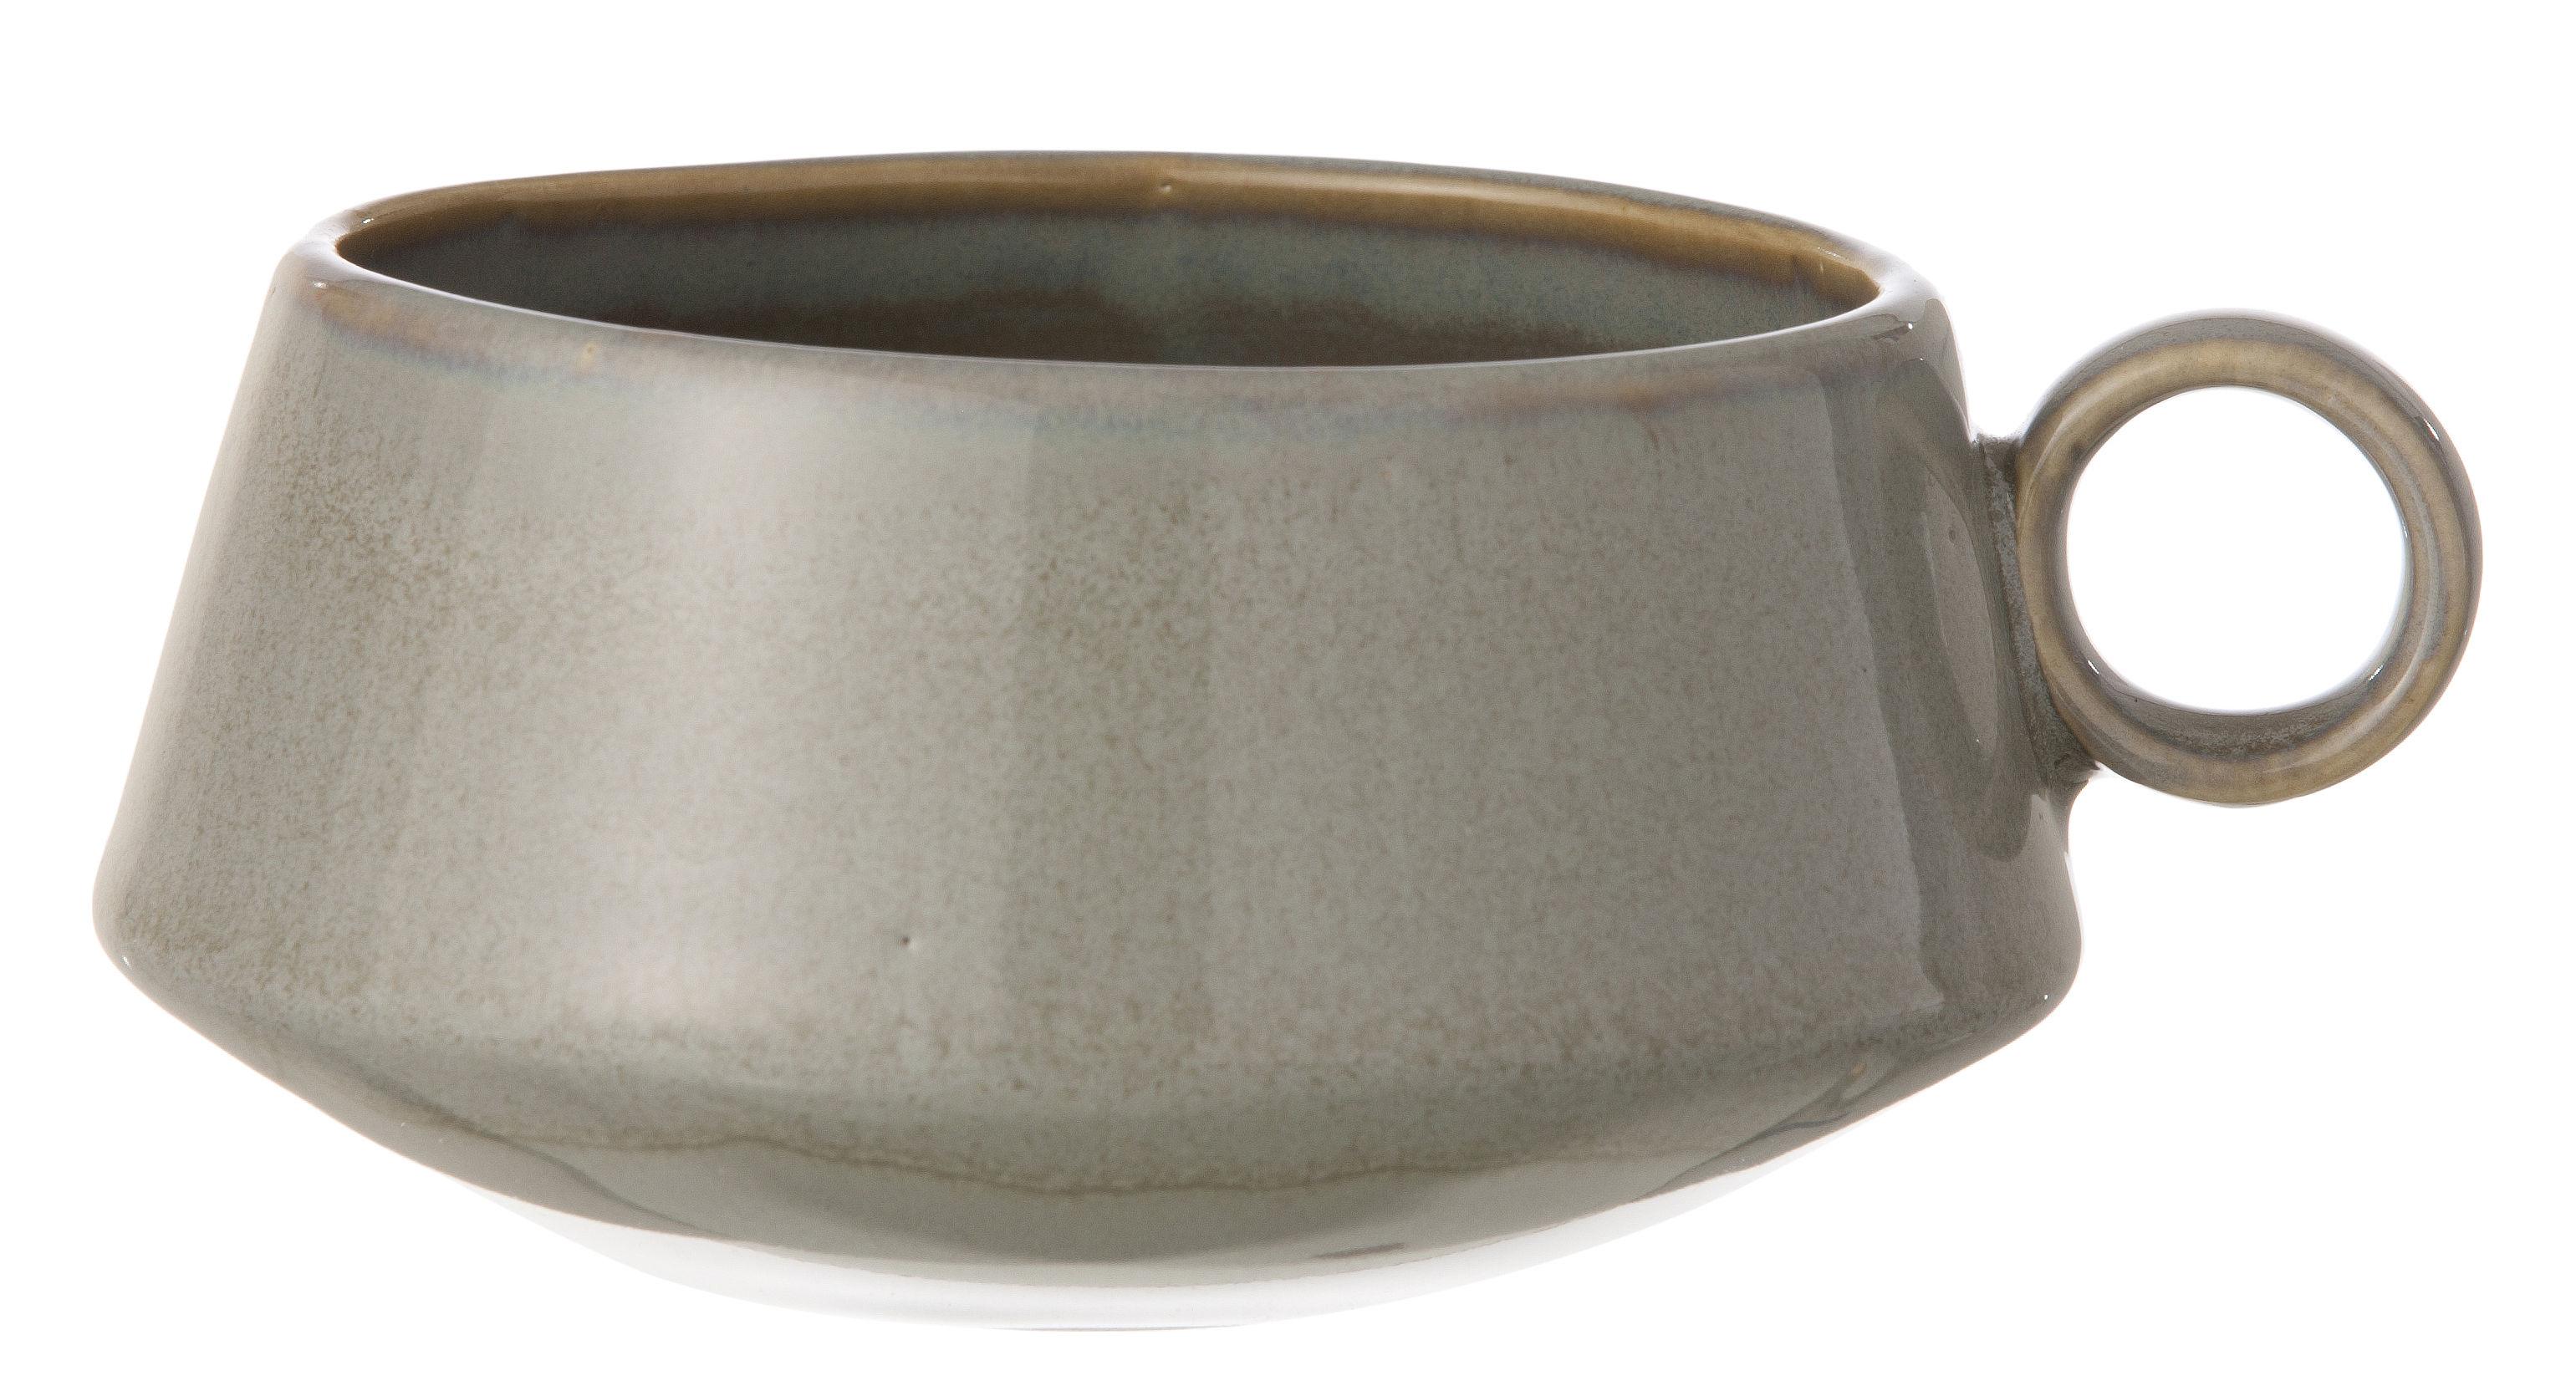 Arts de la table - Tasses et mugs - Tasse Neu - Ferm Living - Gris - Céramique émaillée